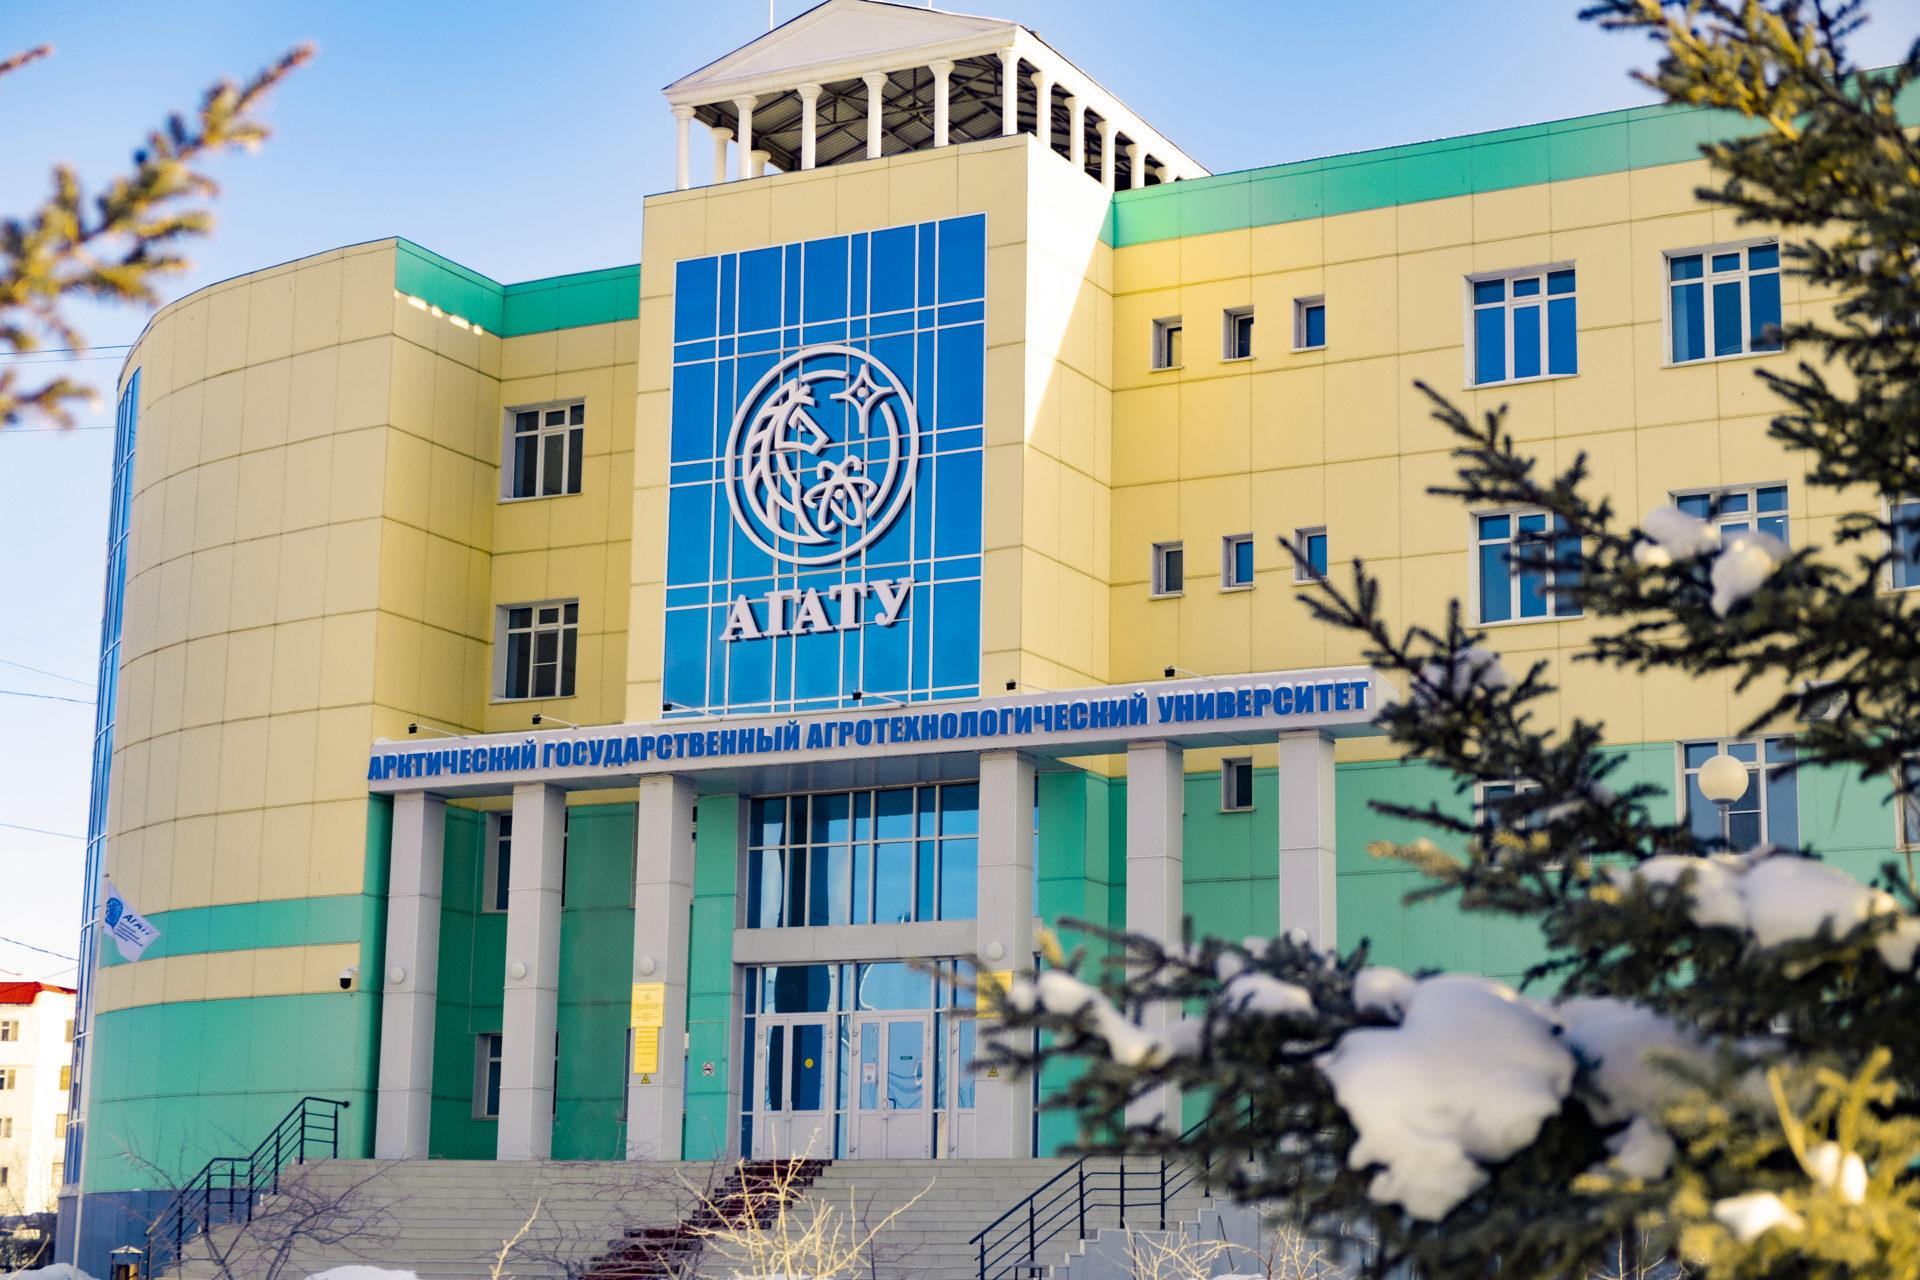 АГАТУ получил лицензию на новую образовательную программу